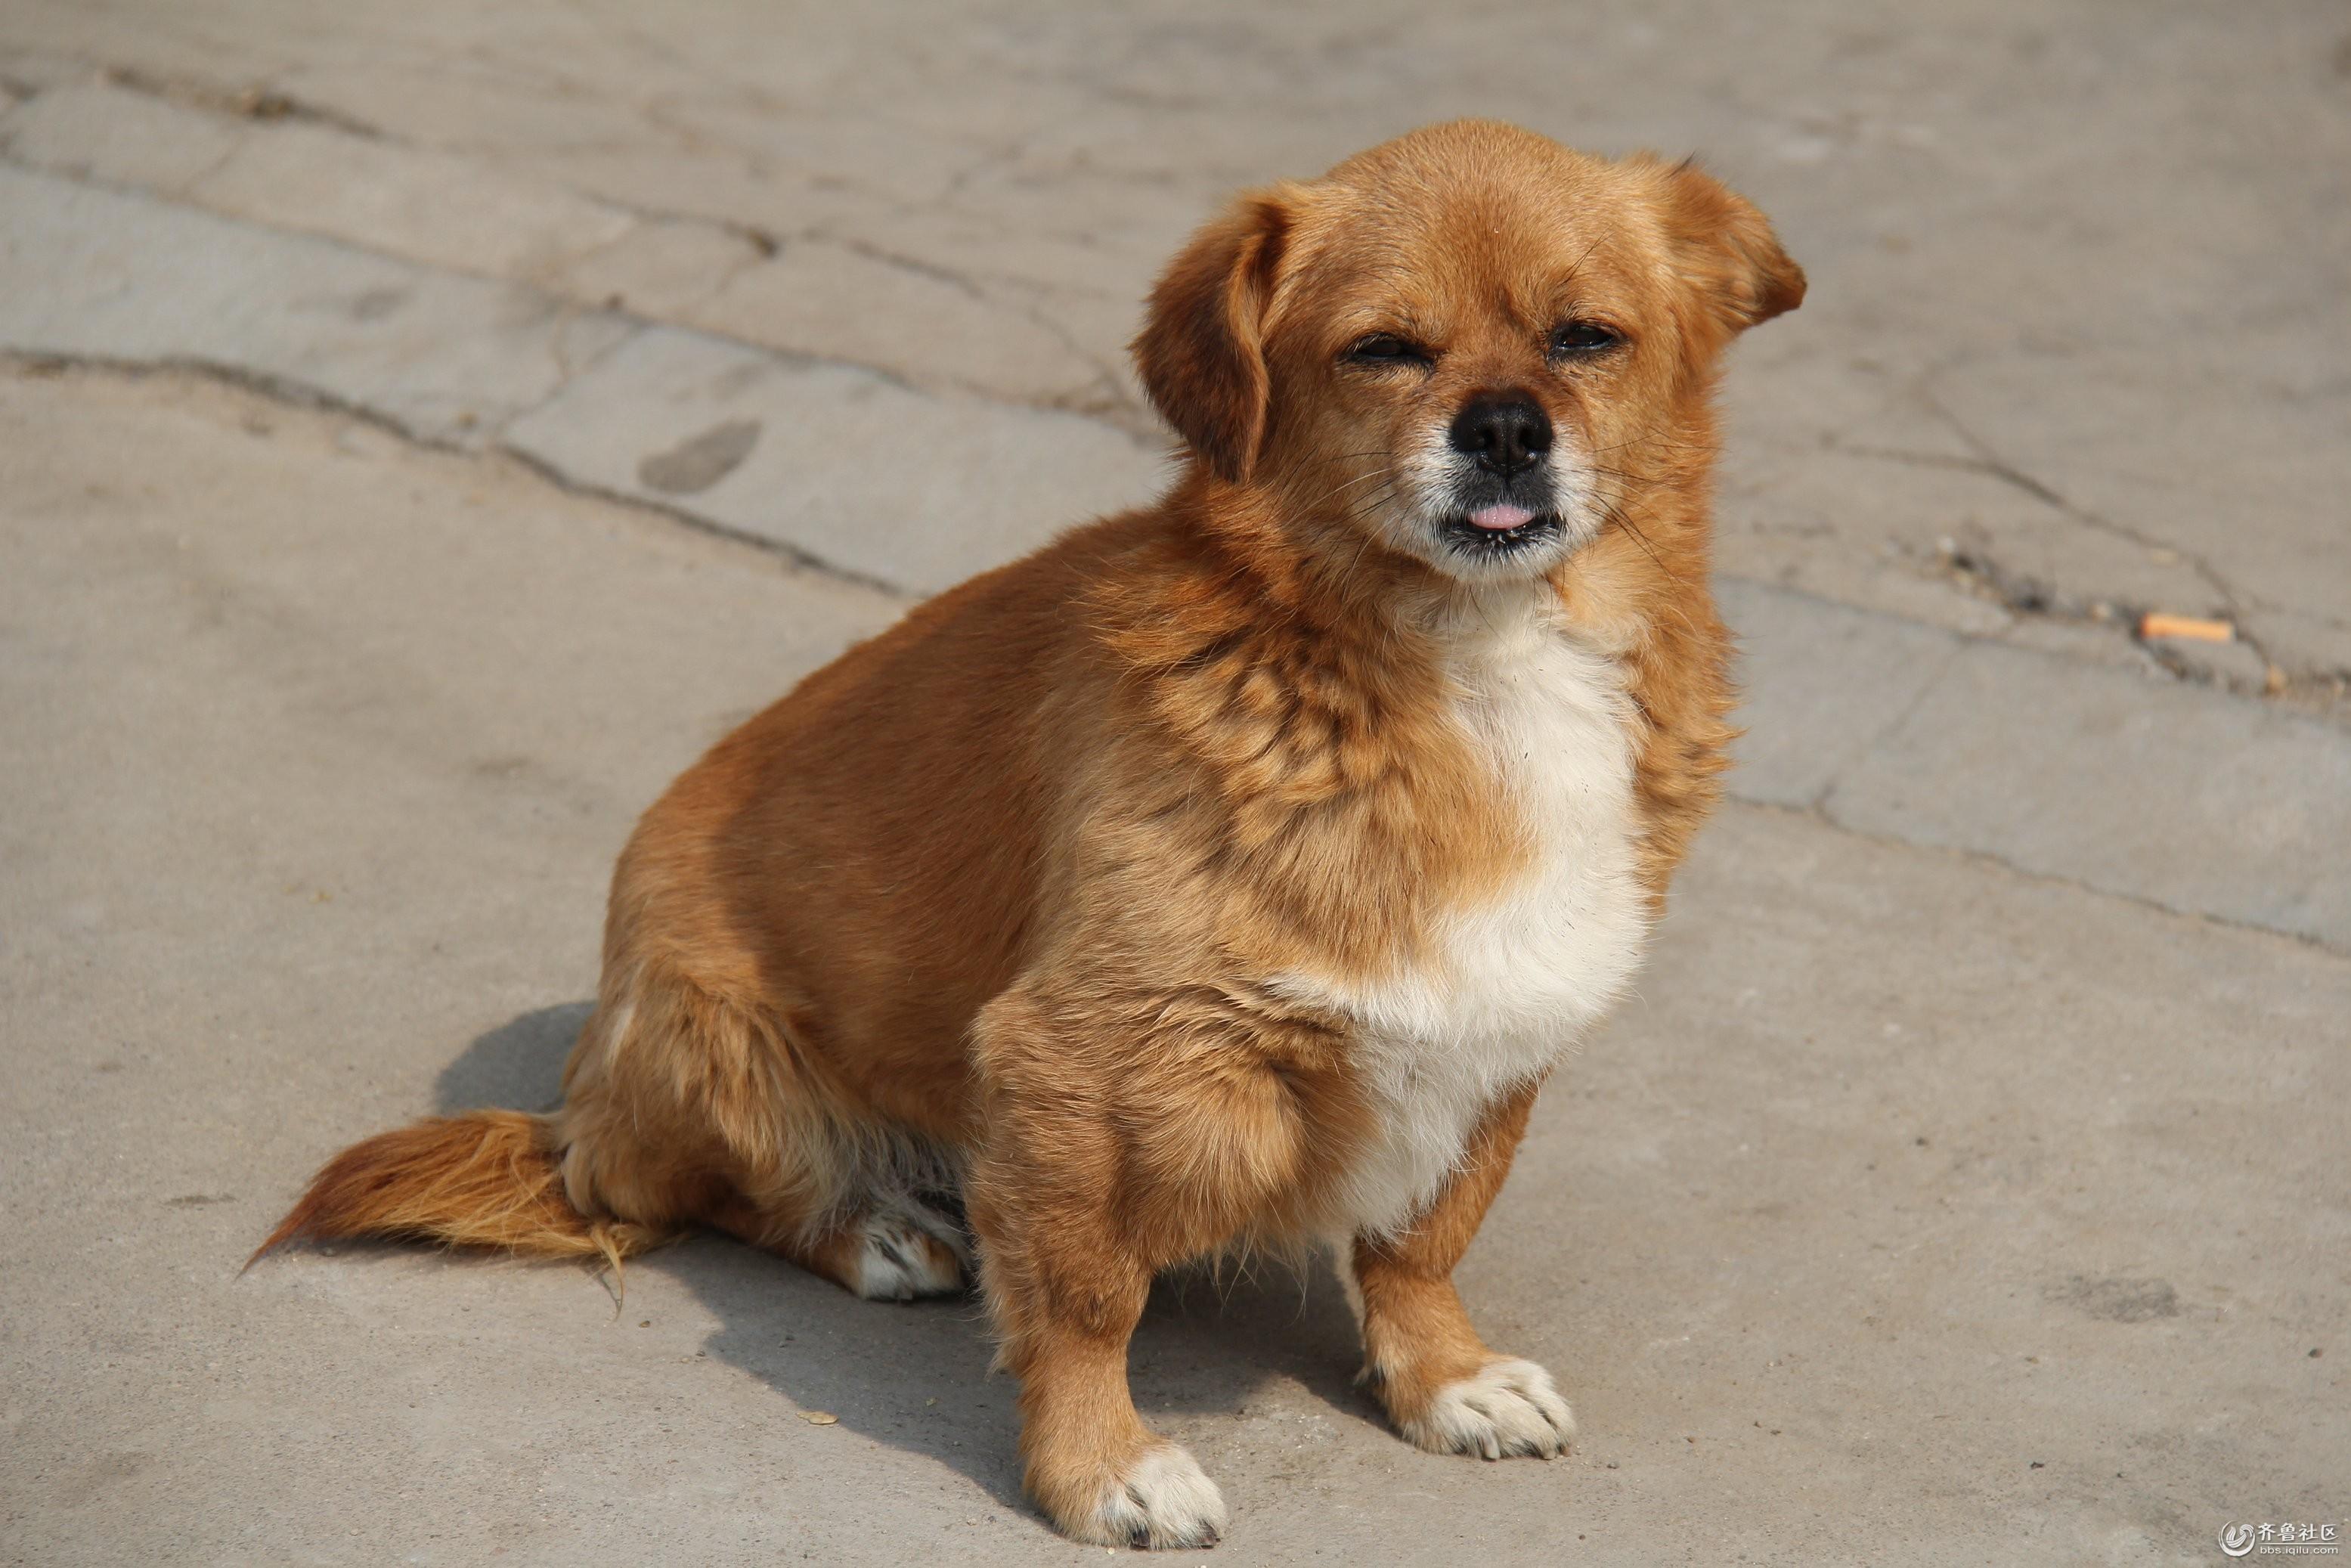 小狗狗表情多多 - 东营论坛